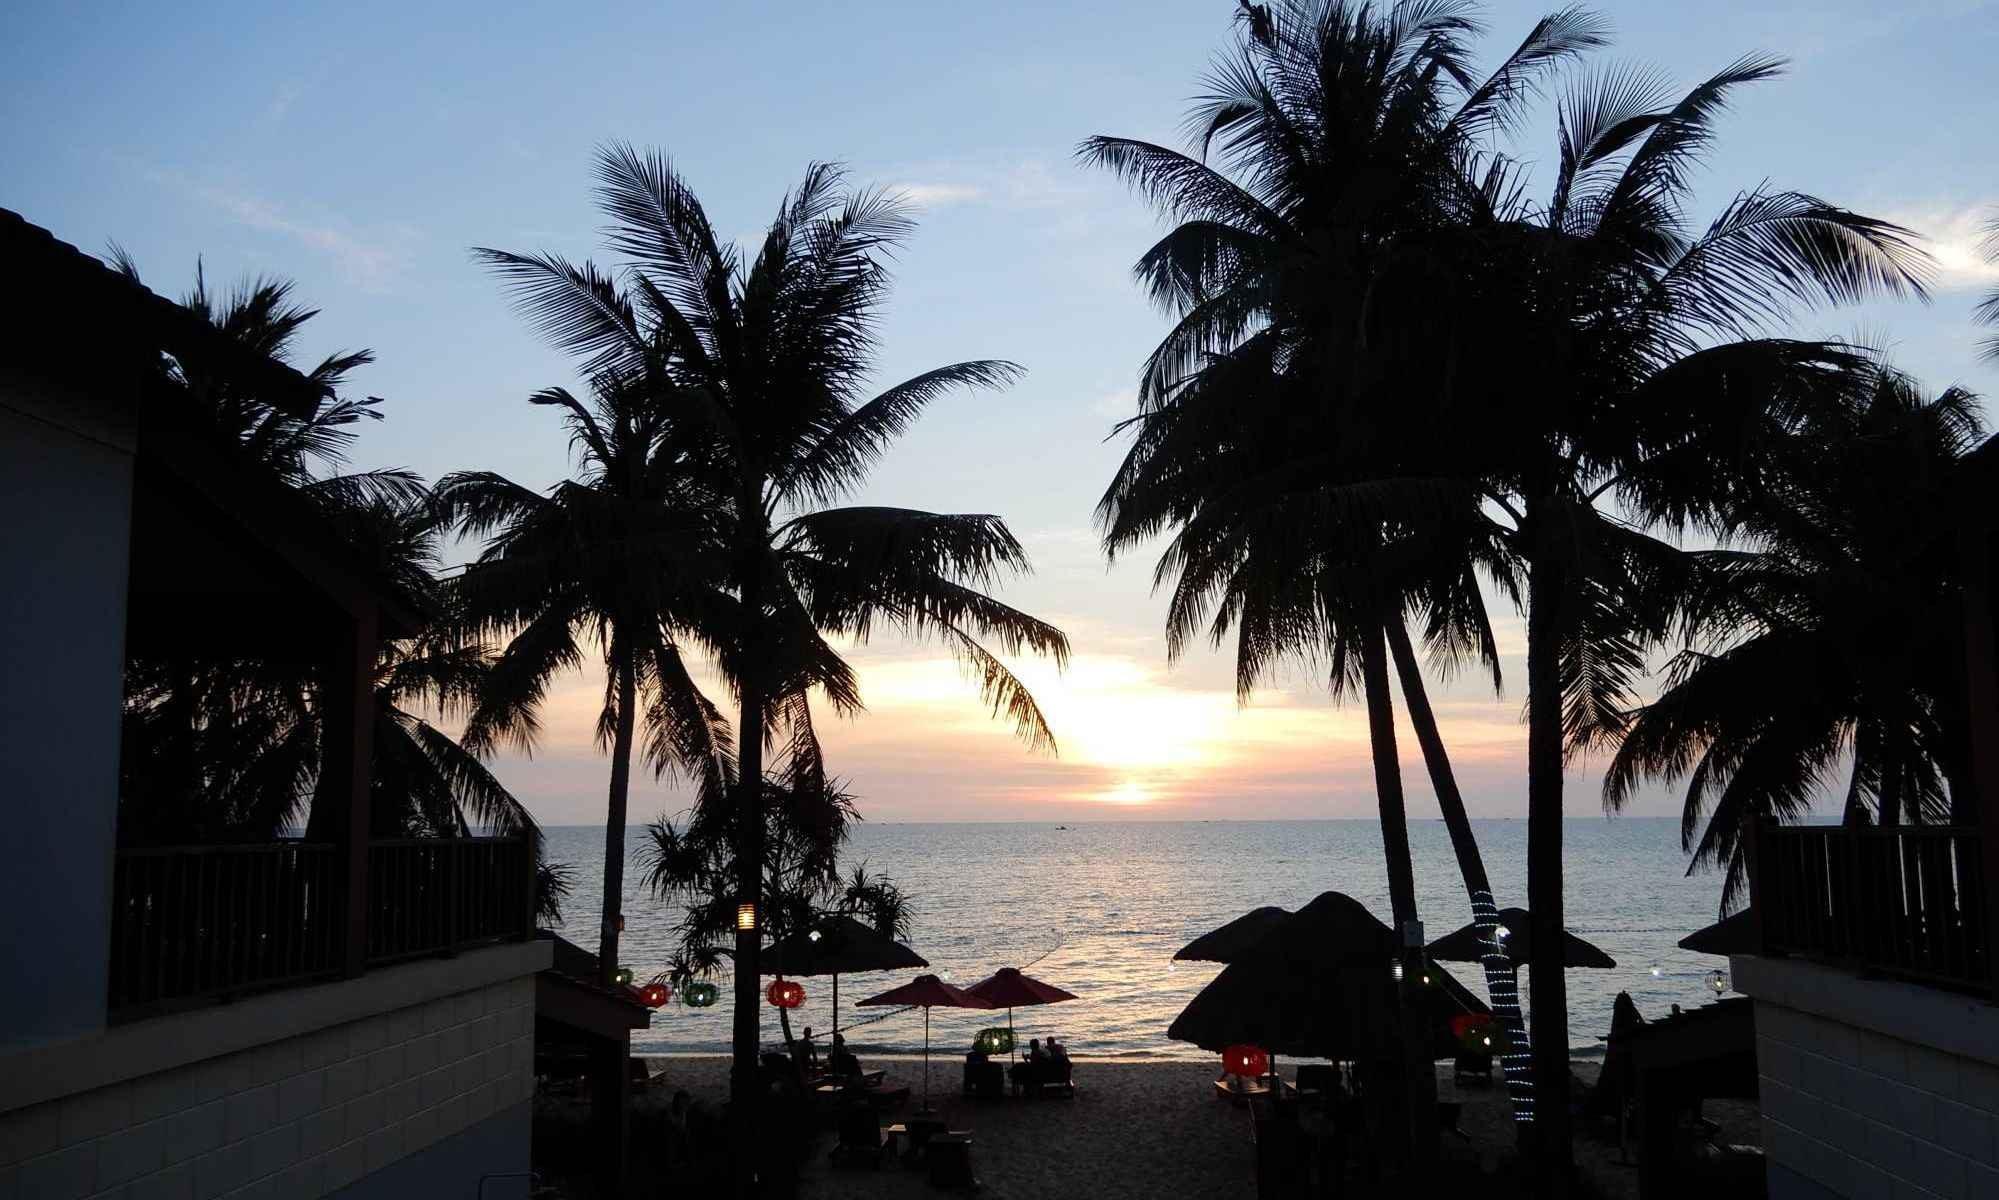 tropicana-resort1